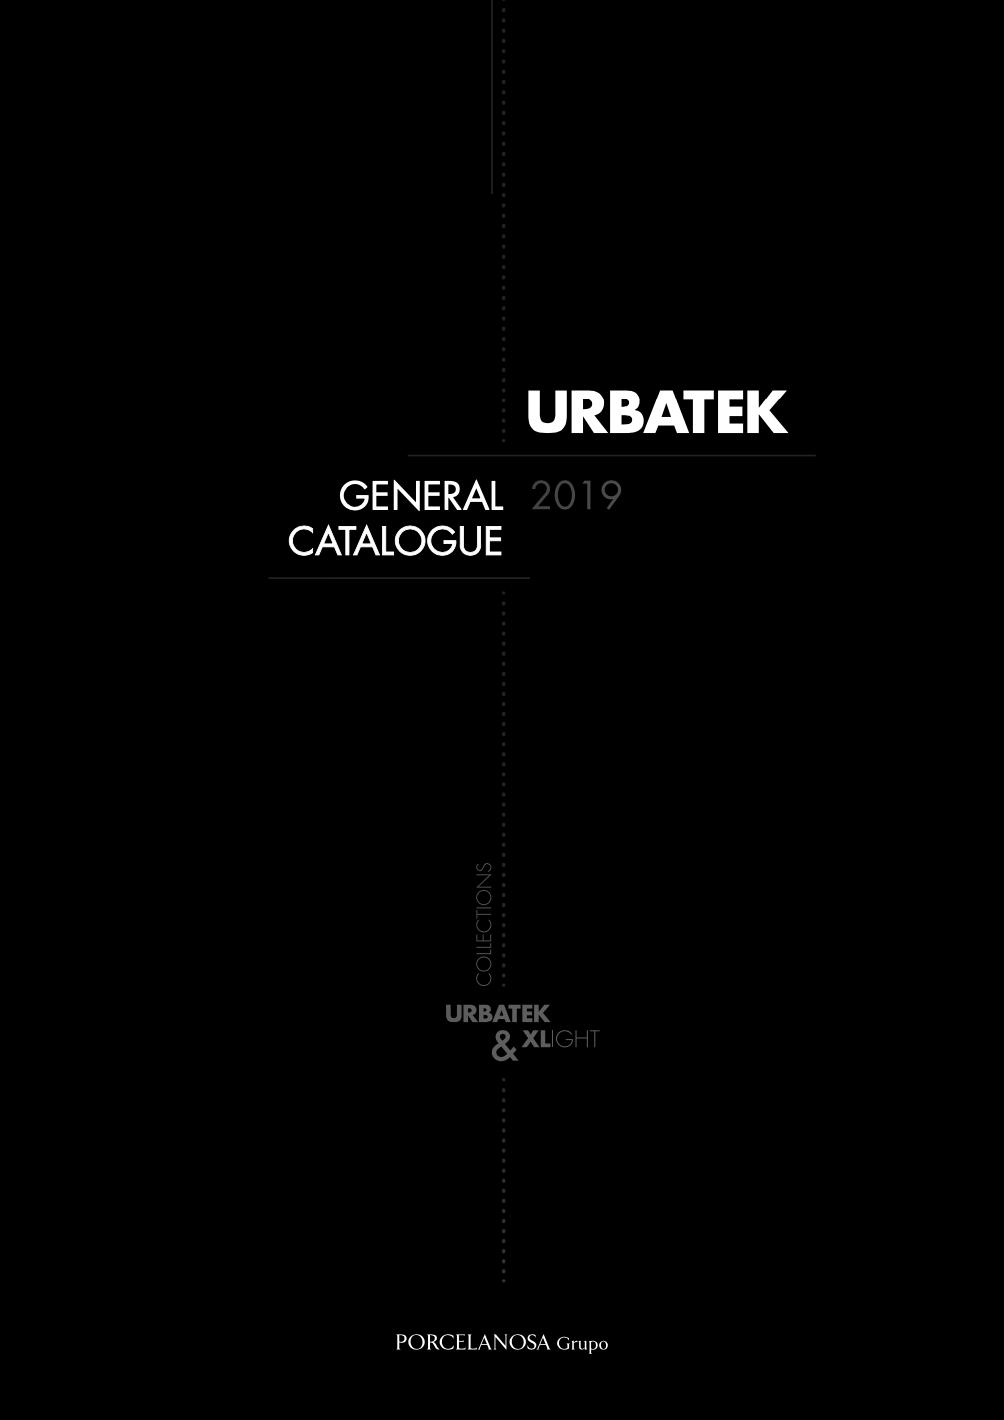 Генеральний каталог URBATEK 2019